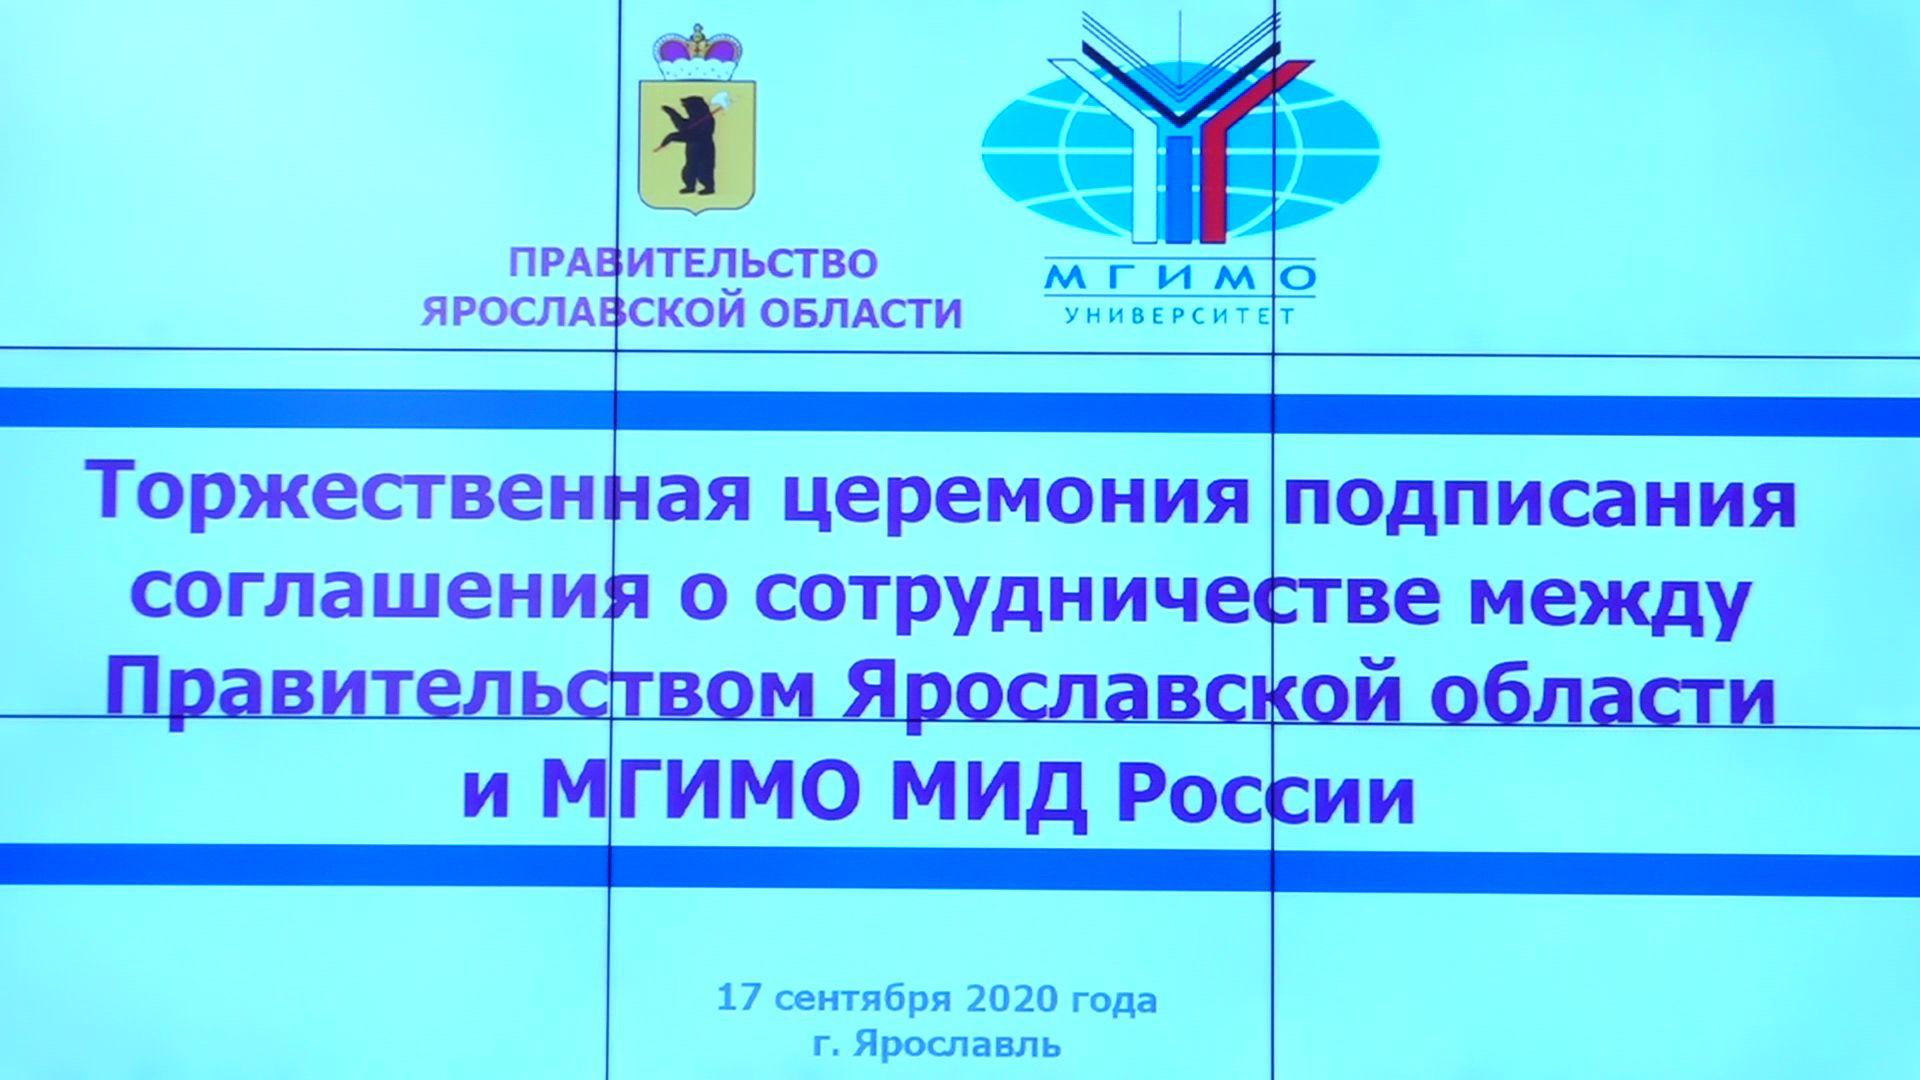 Правительство Ярославской области начало сотрудничать с МГИМО